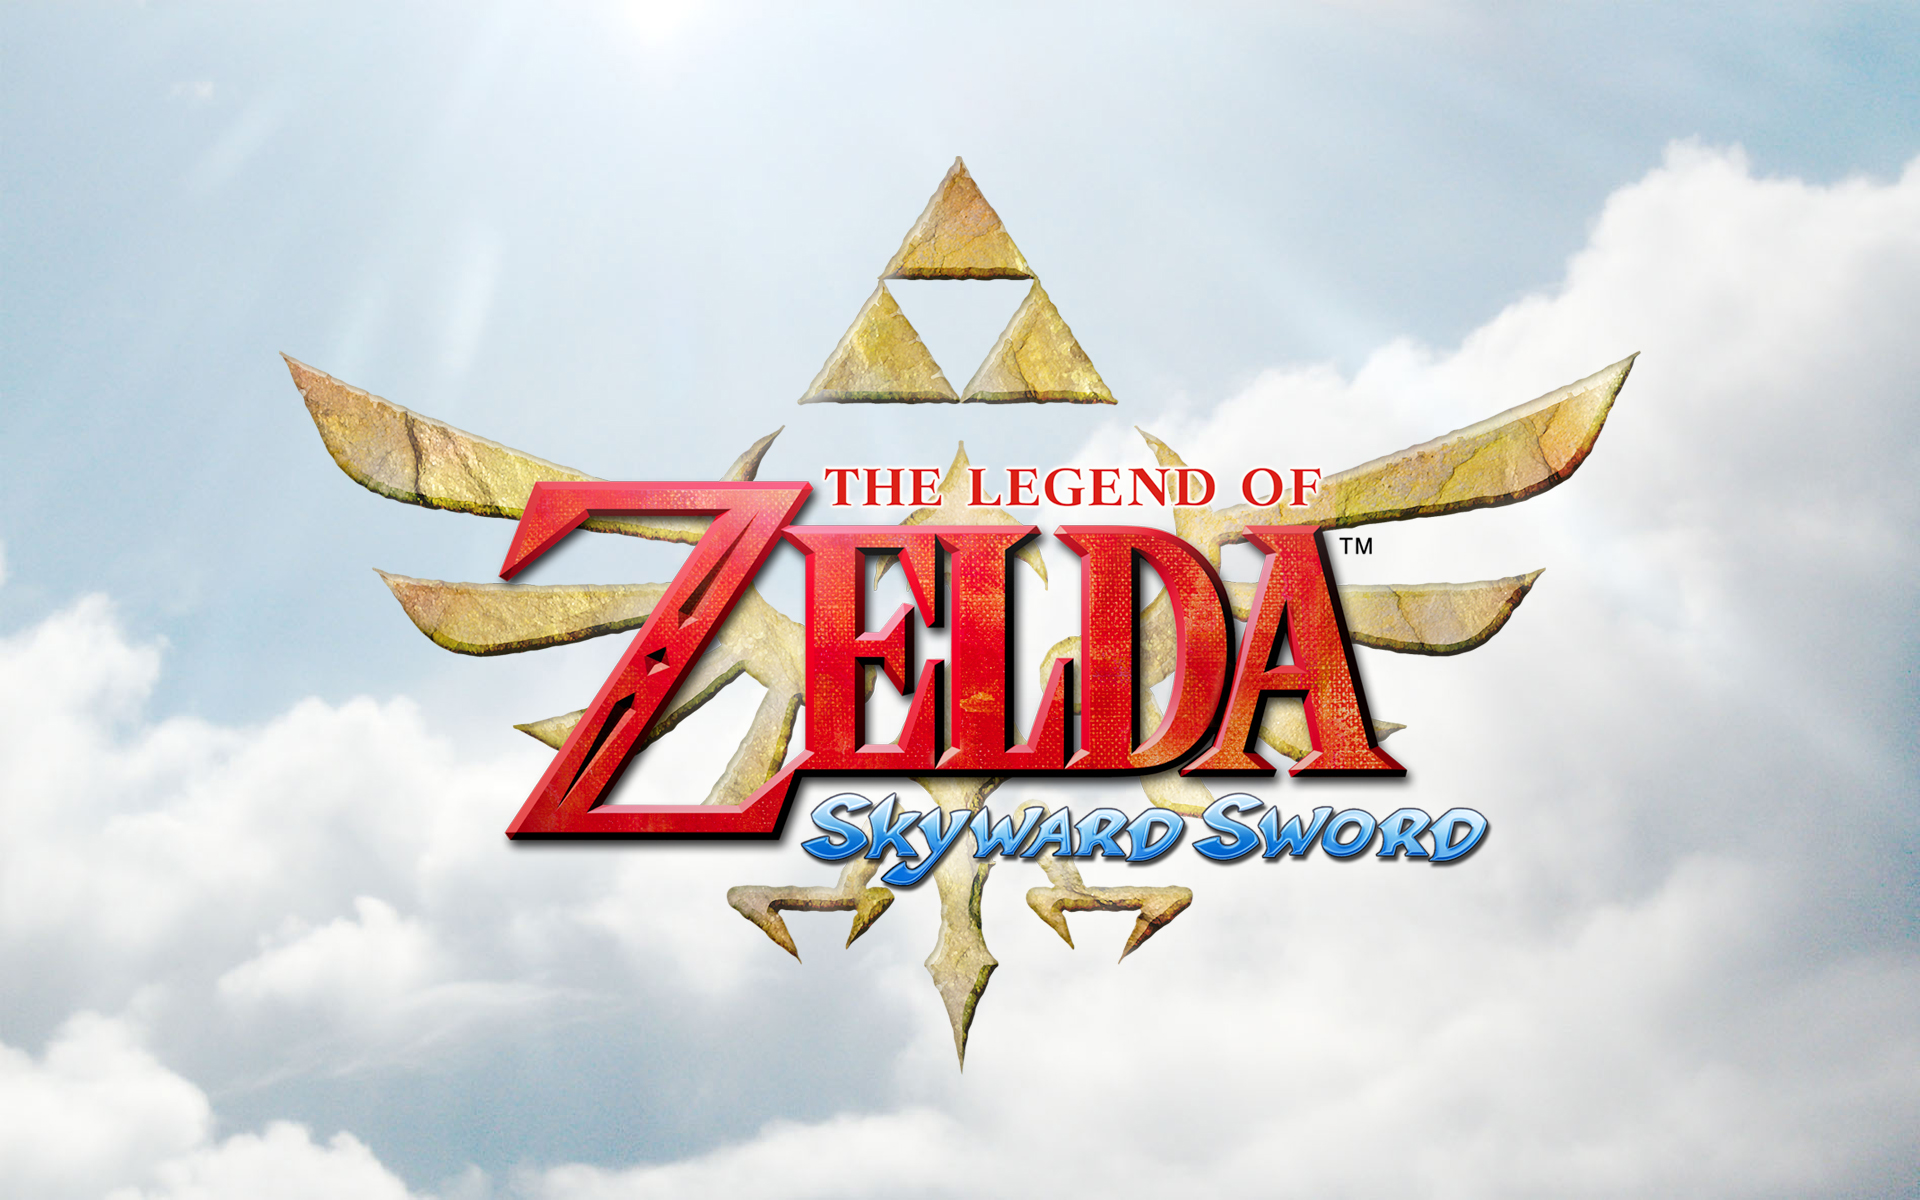 The Legend Of Zelda Skyward Sword Free Wallpaper Wallpaperjam Com